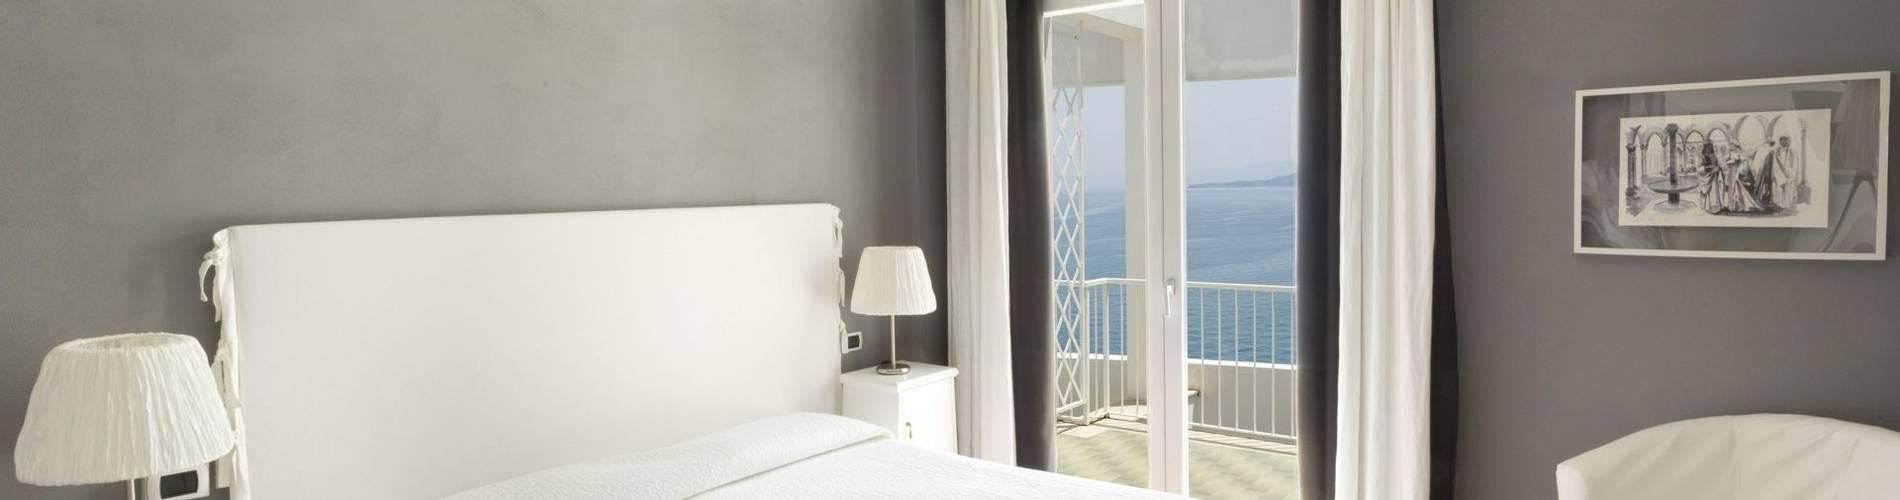 Kalura, Sicily, Italy, Double Room (7).jpg